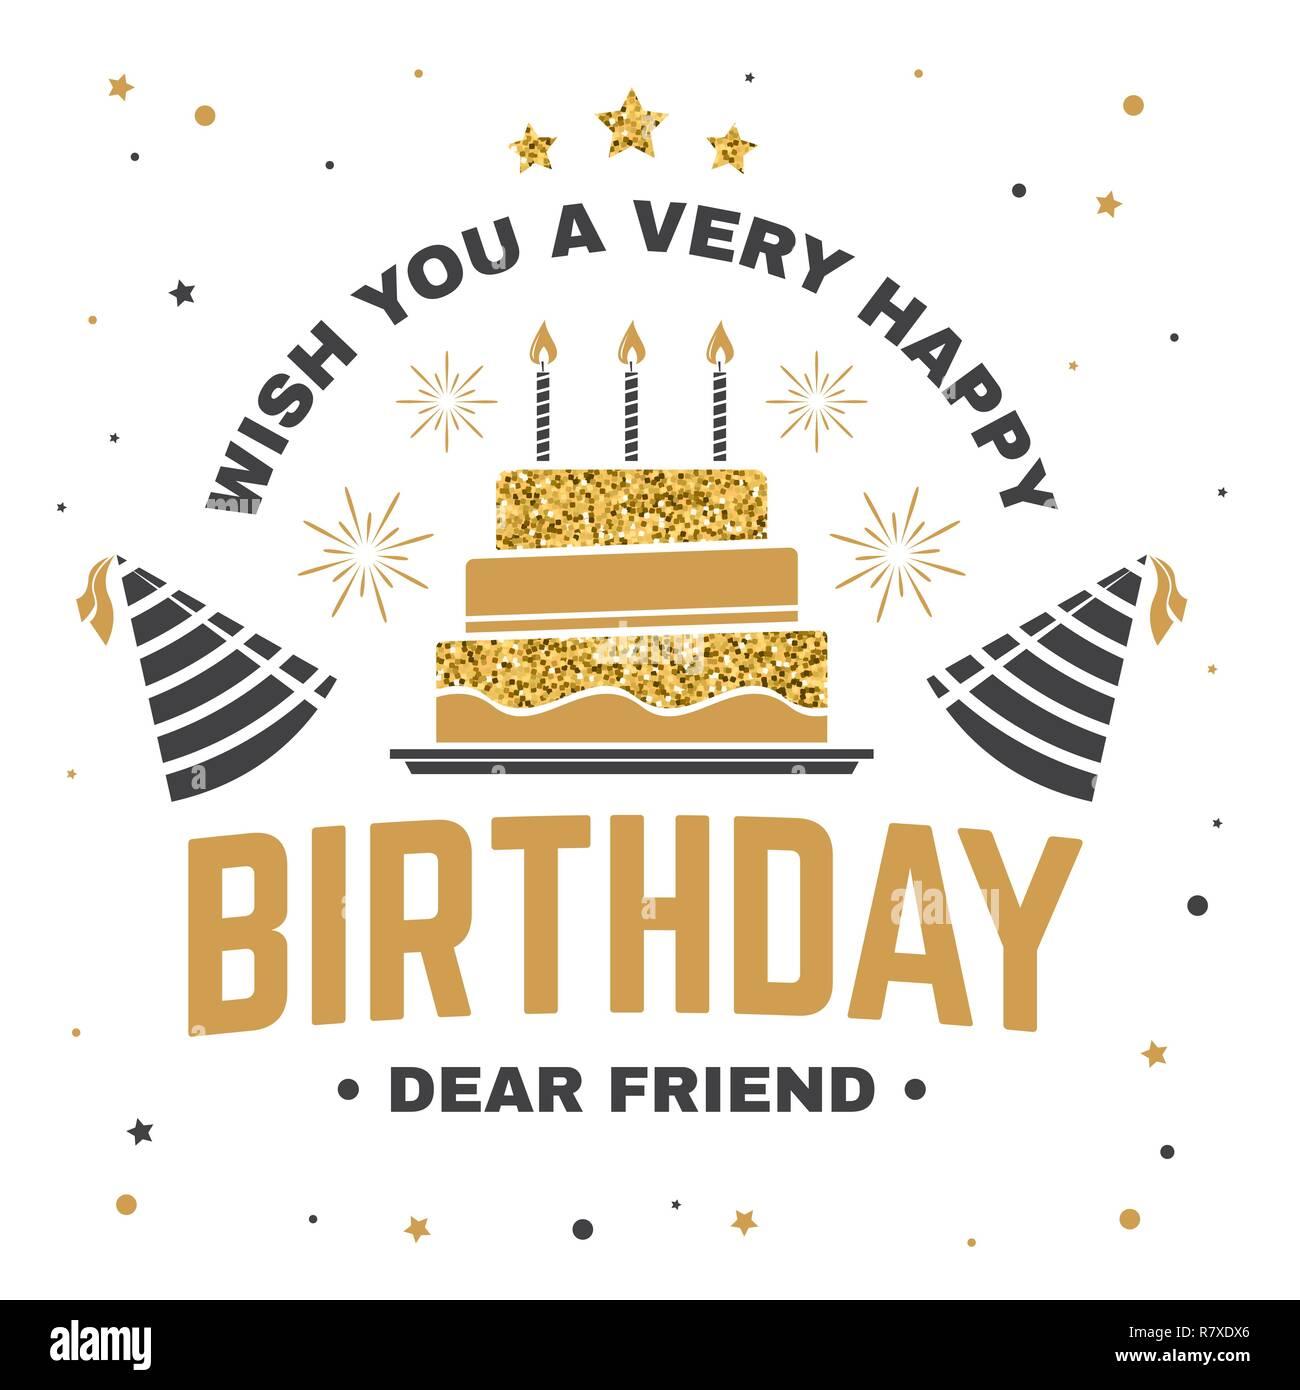 Wünsche Dir Alles Gute Zum Geburtstag Lieber Freund Abzeichen